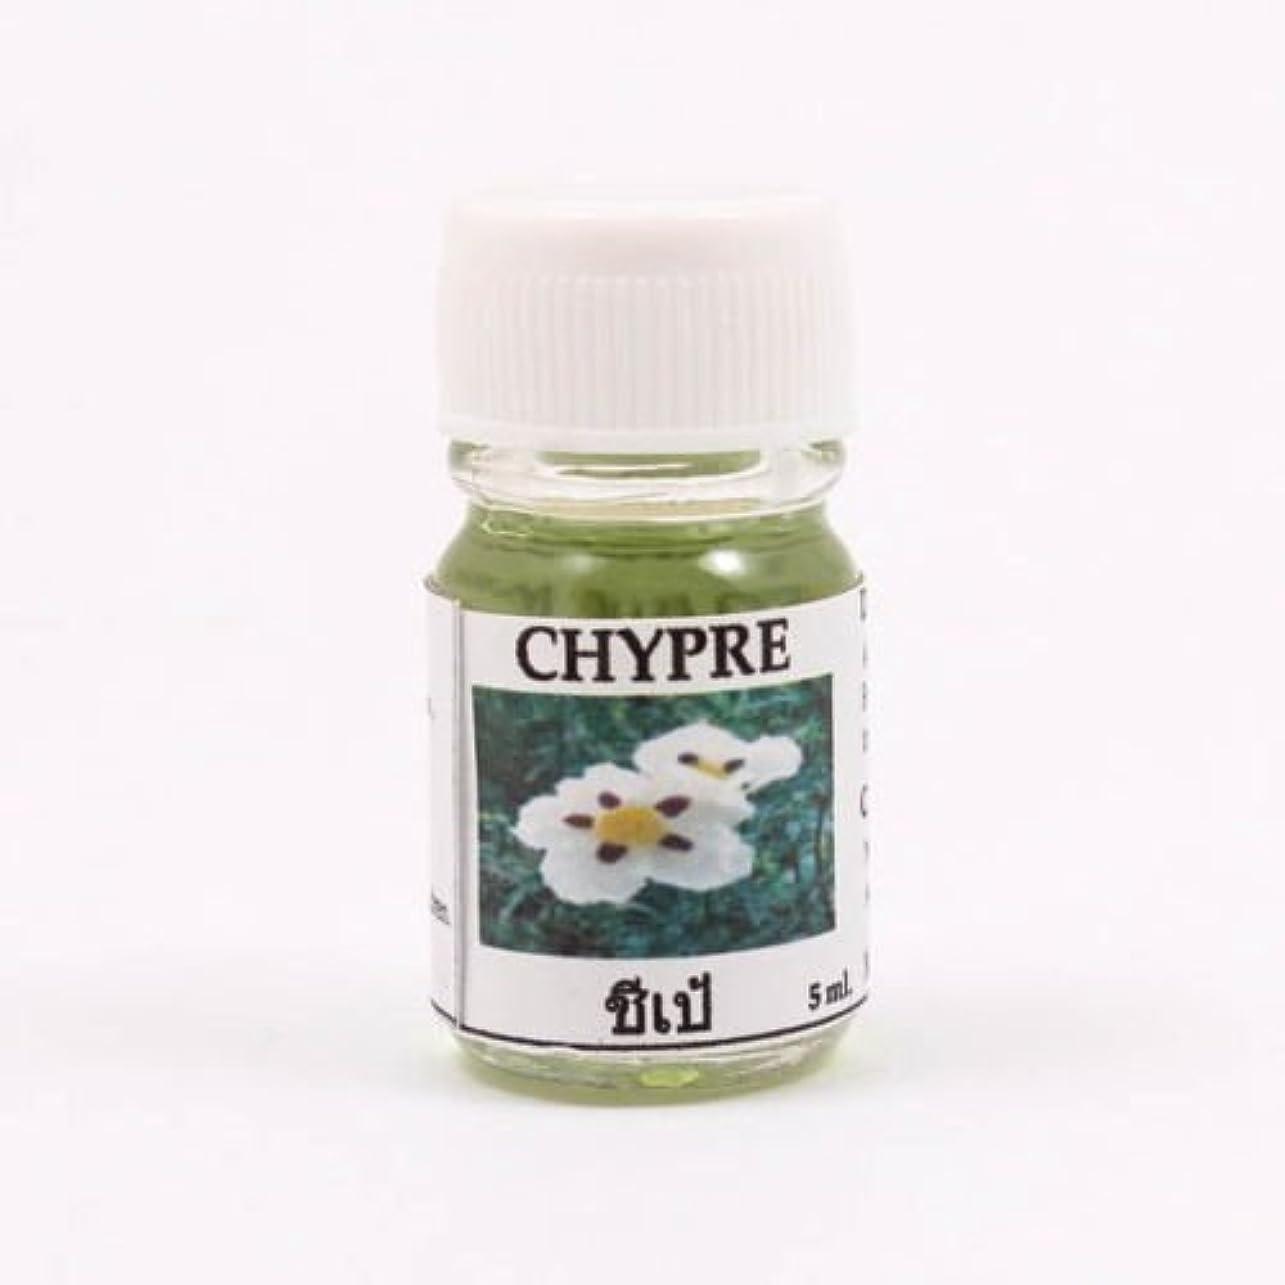 ビデオ安全でない合体6X Chypre Aroma Fragrance Essential Oil 5ML. (cc) Diffuser Burner Therapy